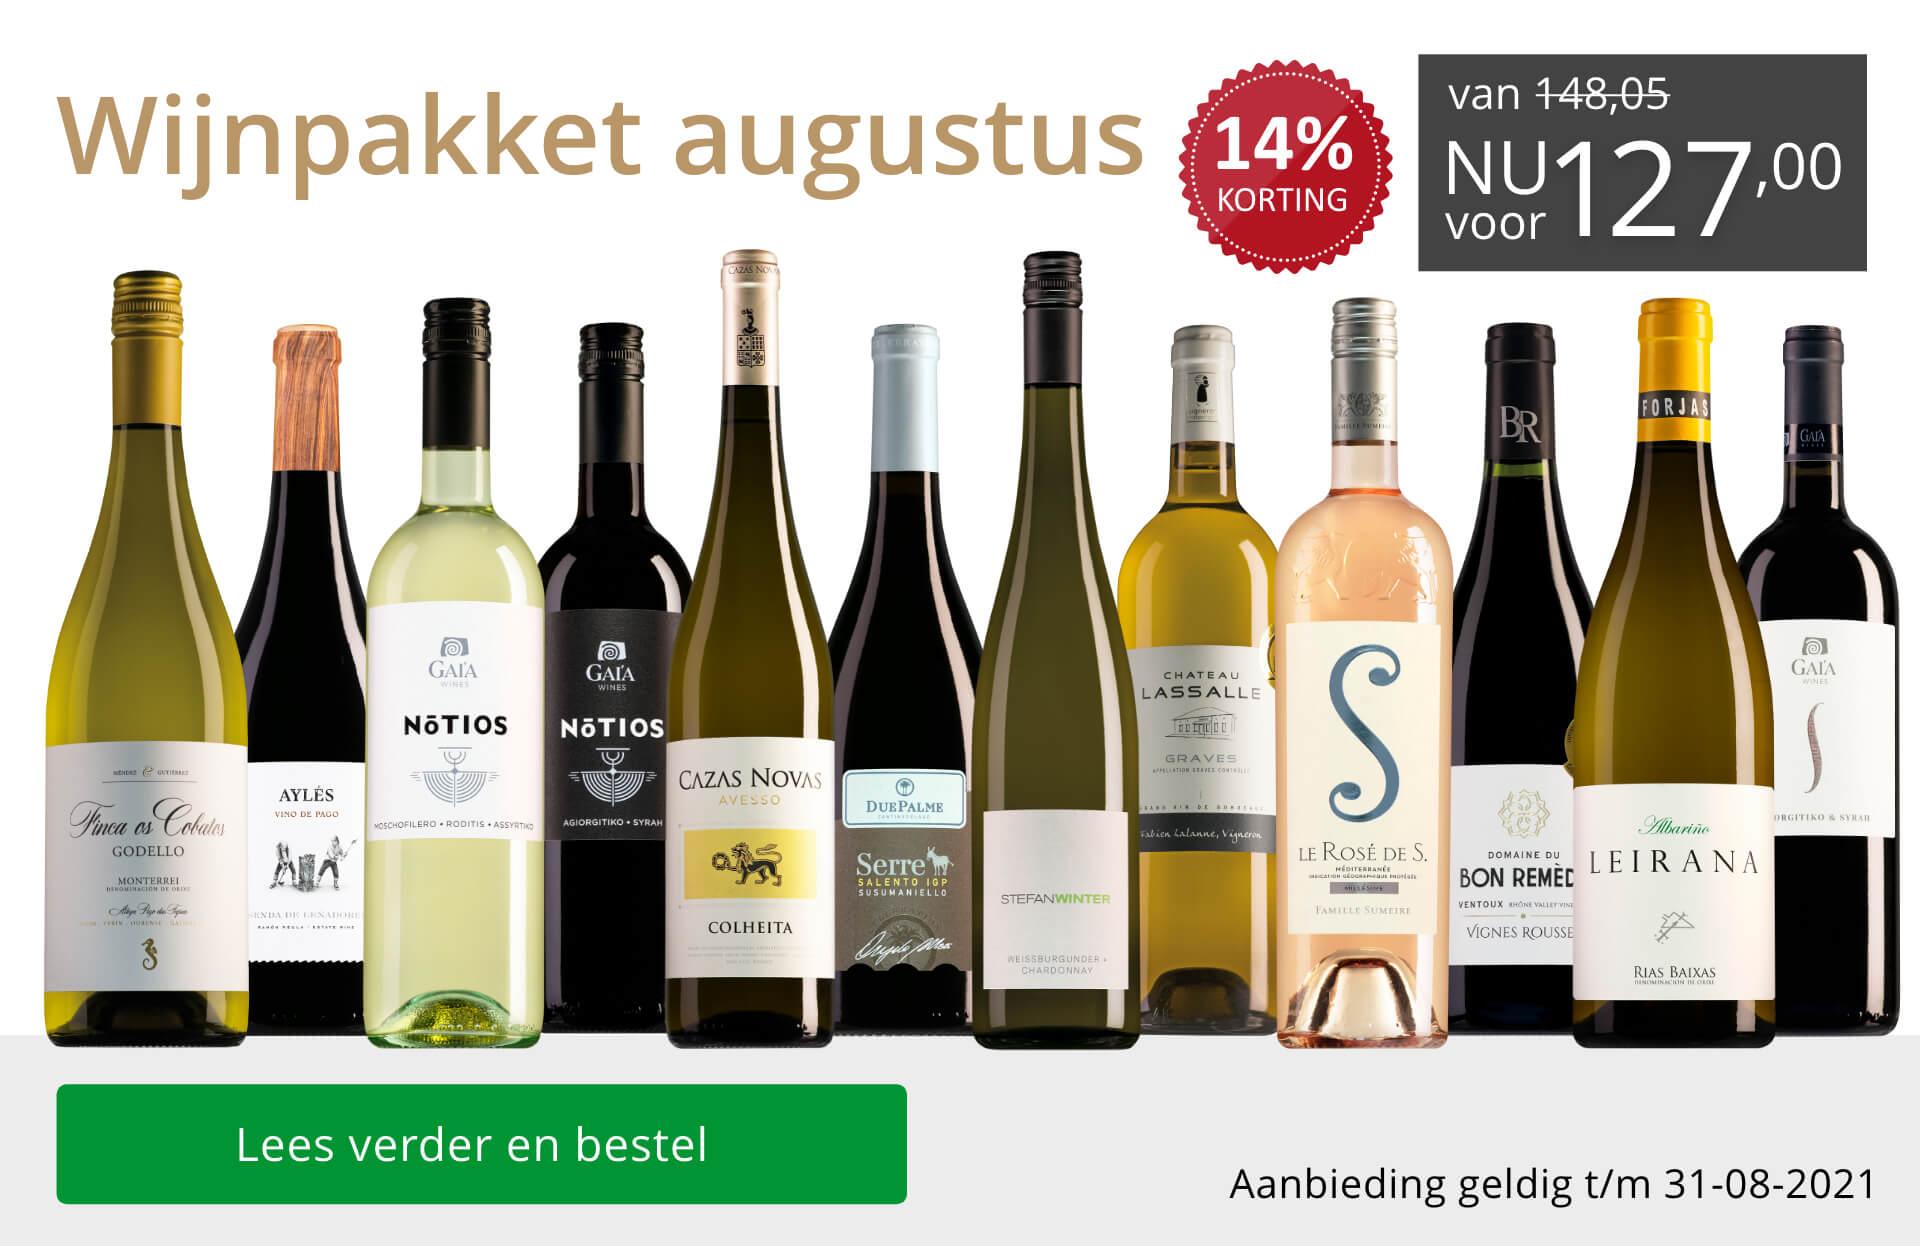 Wijnpakket wijnbericht augustus 2021 (127,00) - grijs/goud